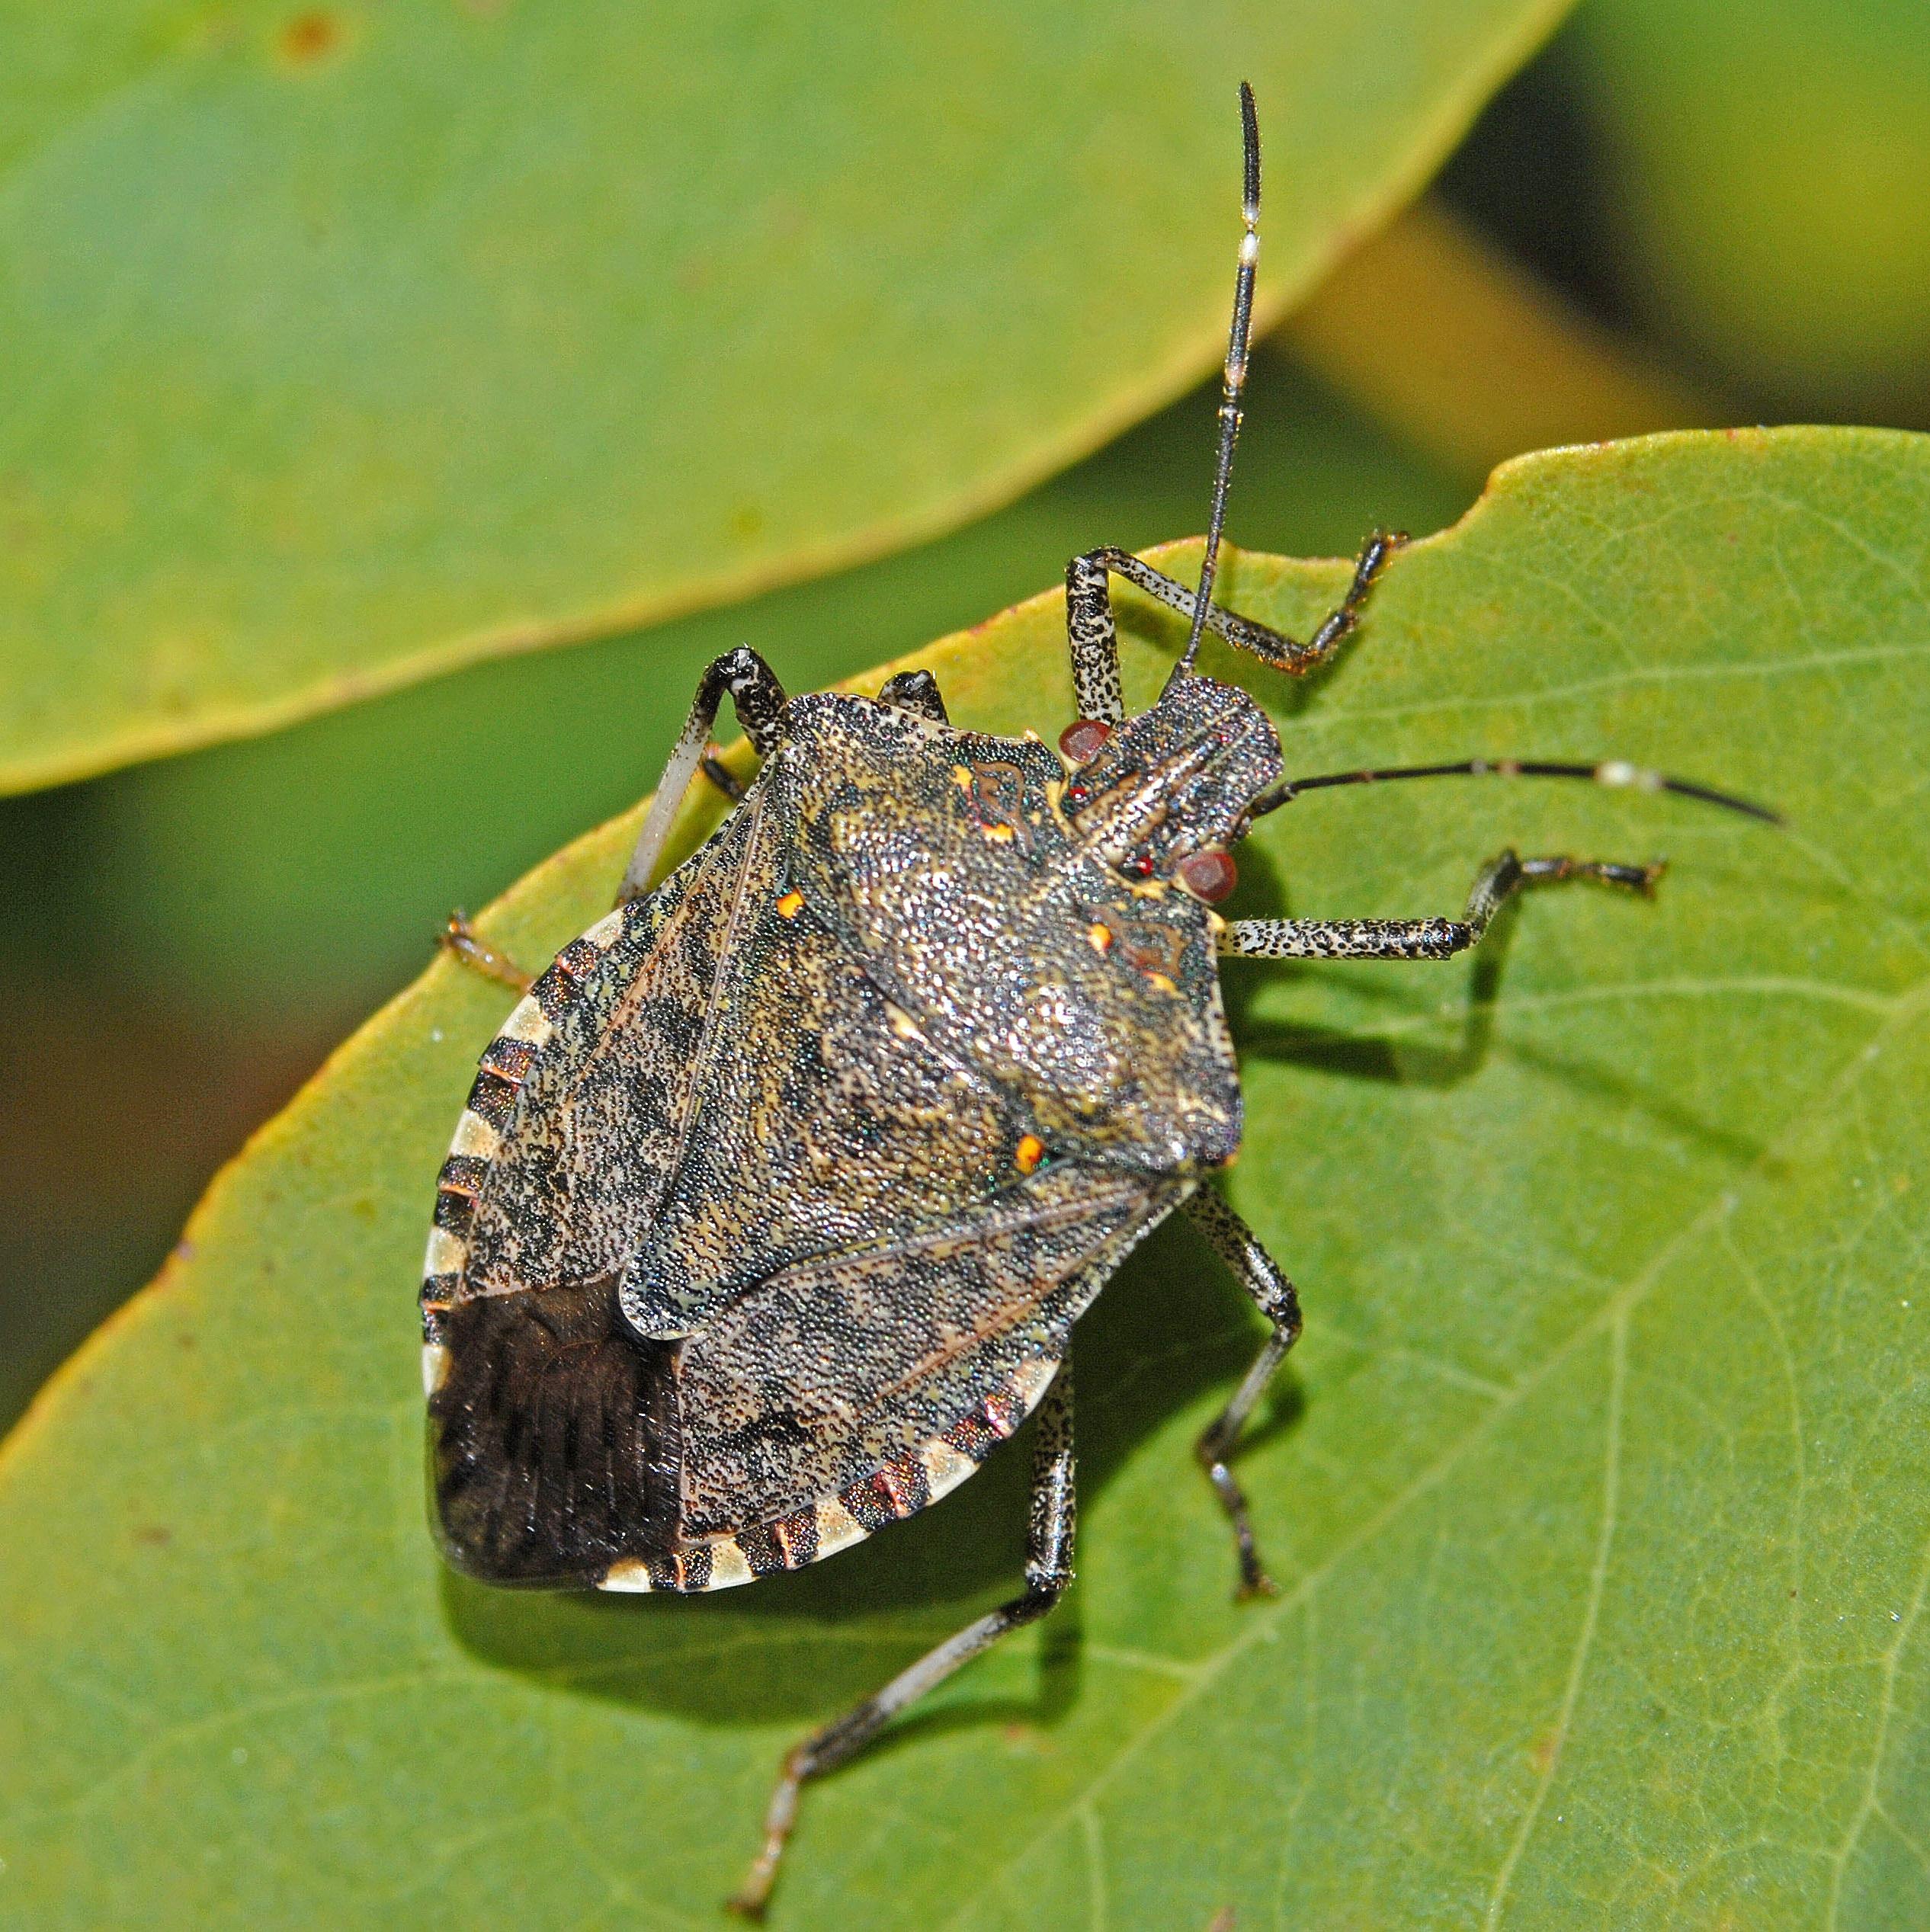 жуки в сочи фото щелкает